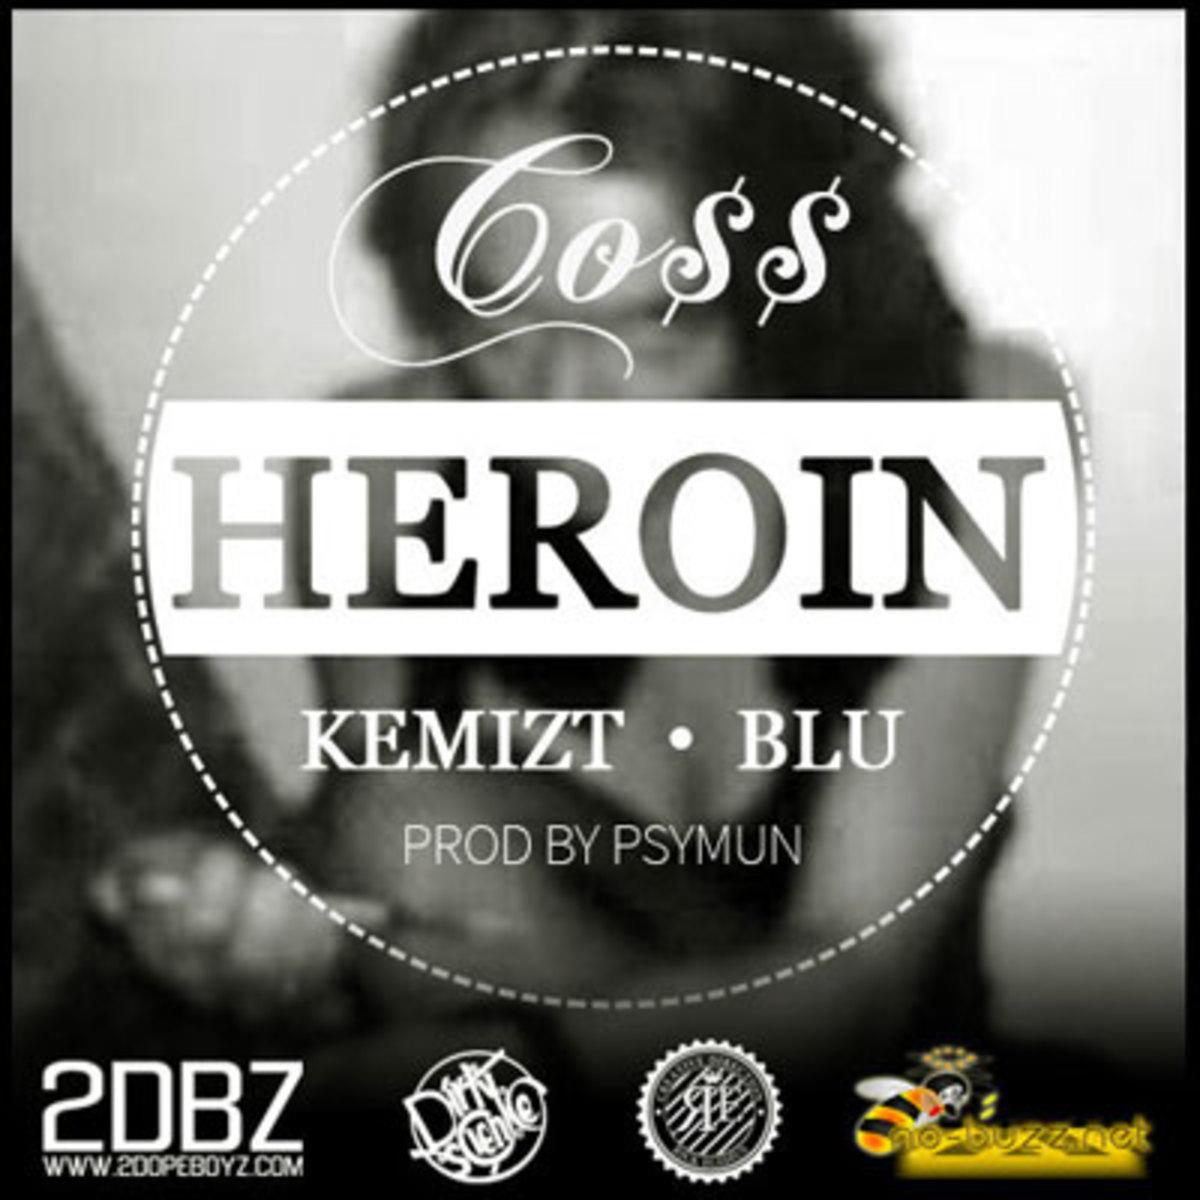 coss-heroin.jpg